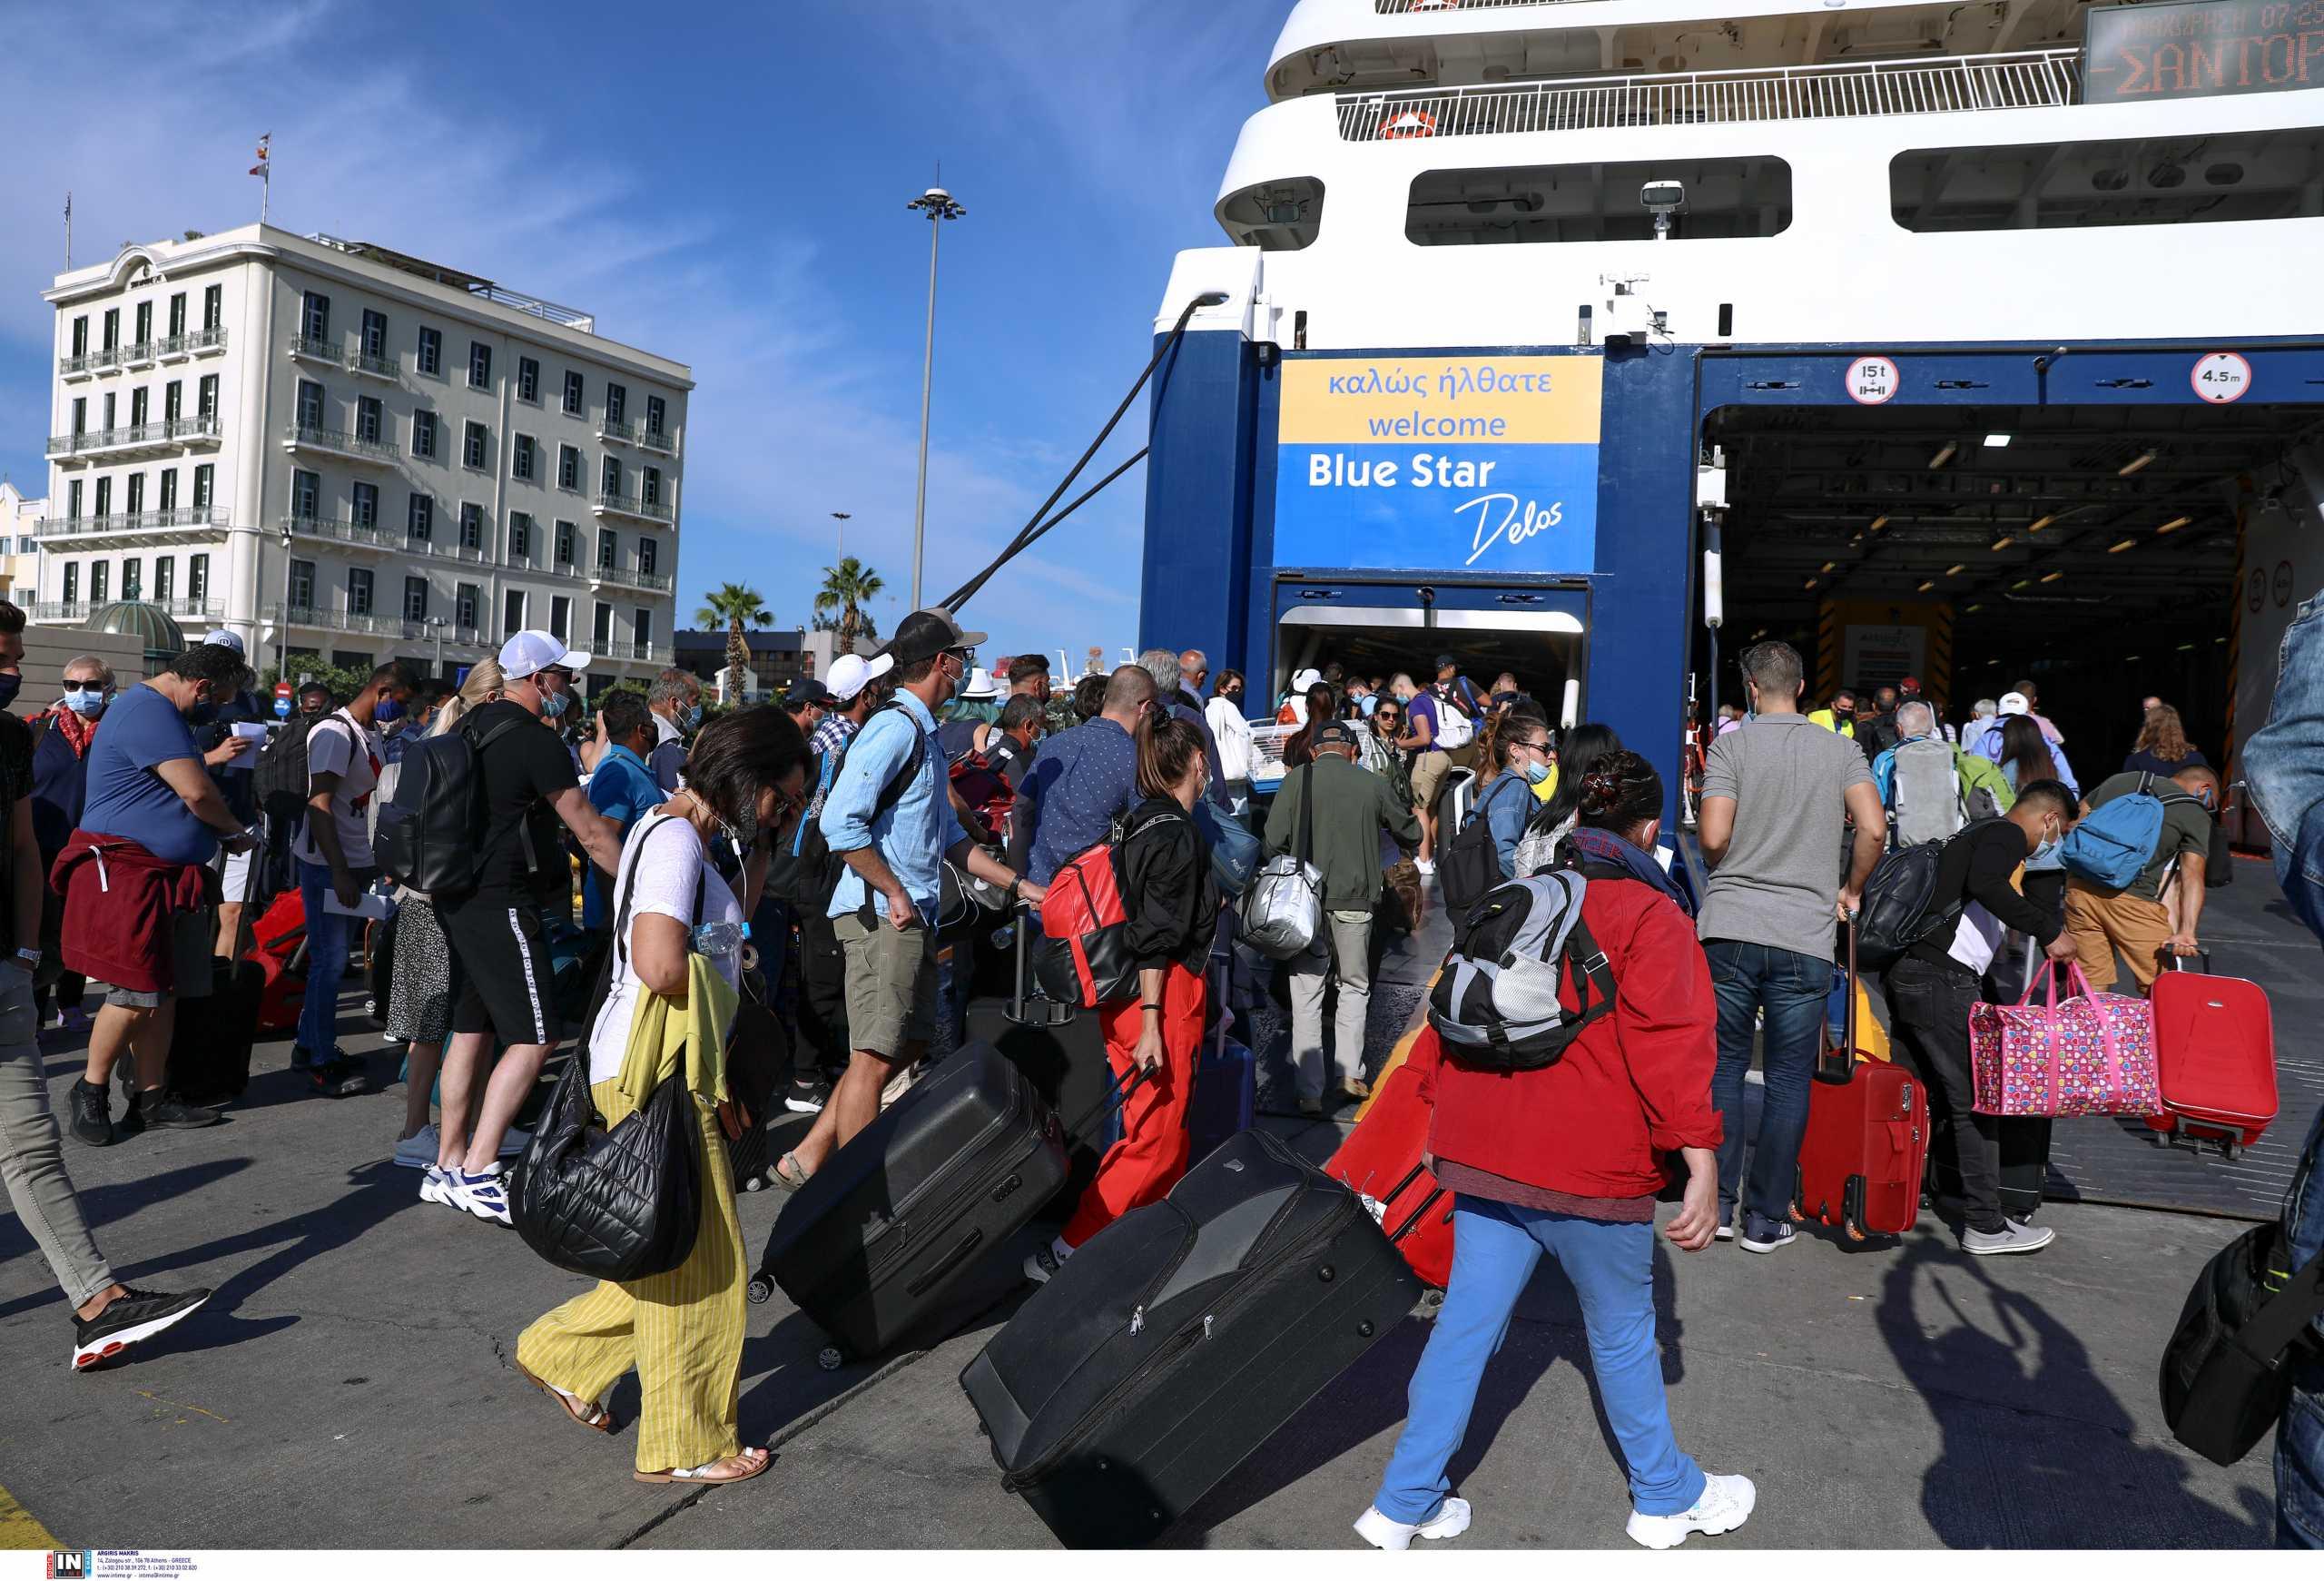 Πελώνη στο «Live News»: Το μέτρο για τις μετακινήσεις στα νησιά δεν είναι τιμωρία